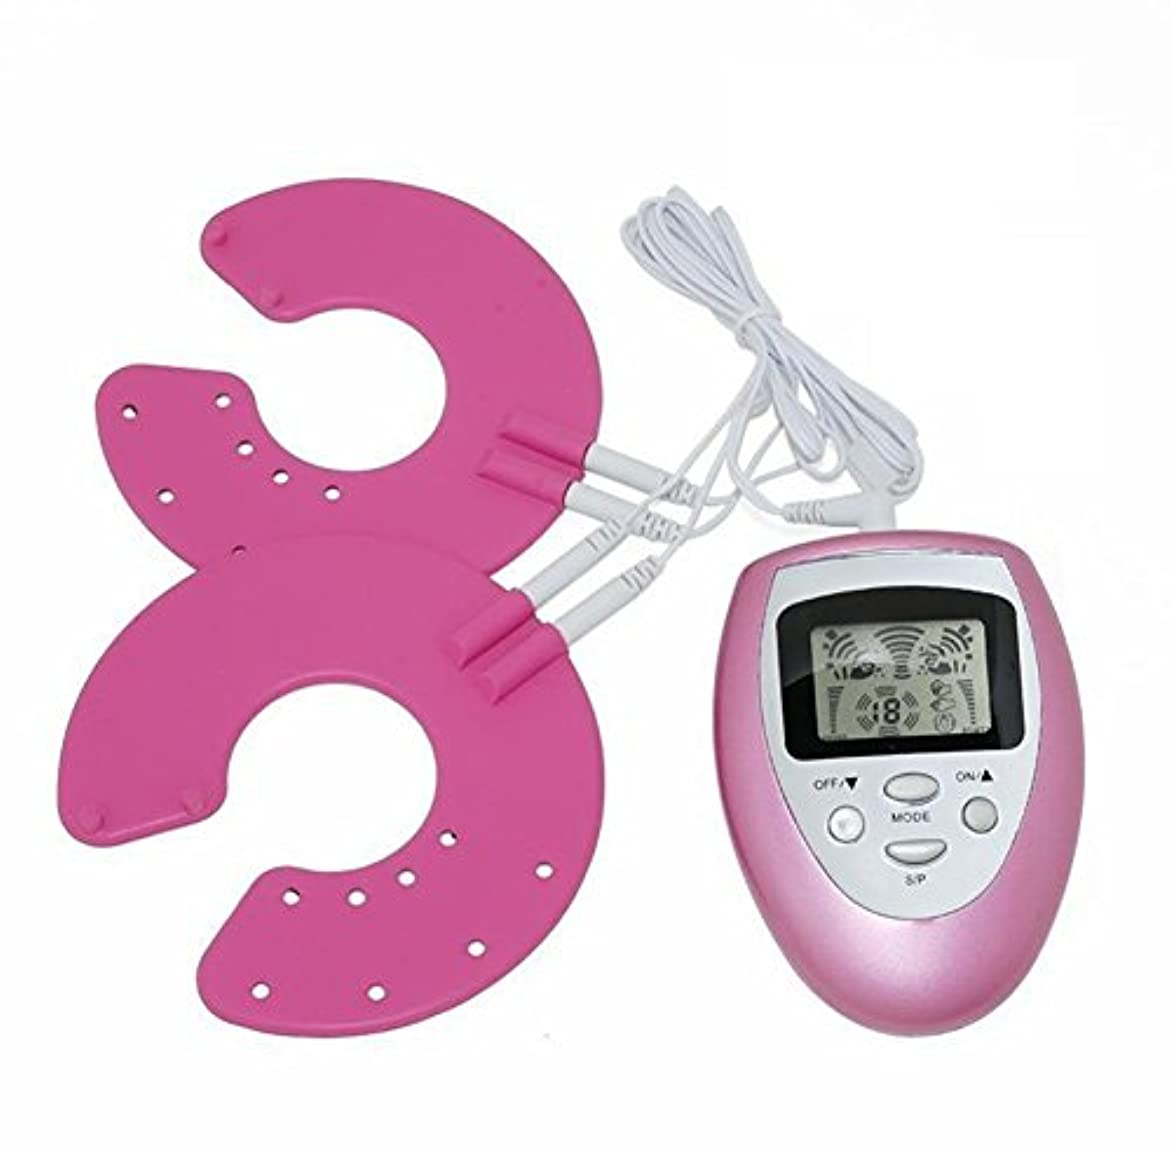 レンダーチャンピオンシップ日付Rabugoo 電気乳母マッサージ器セルライトマッサージパッドツール乳房拡大成長刺激装置